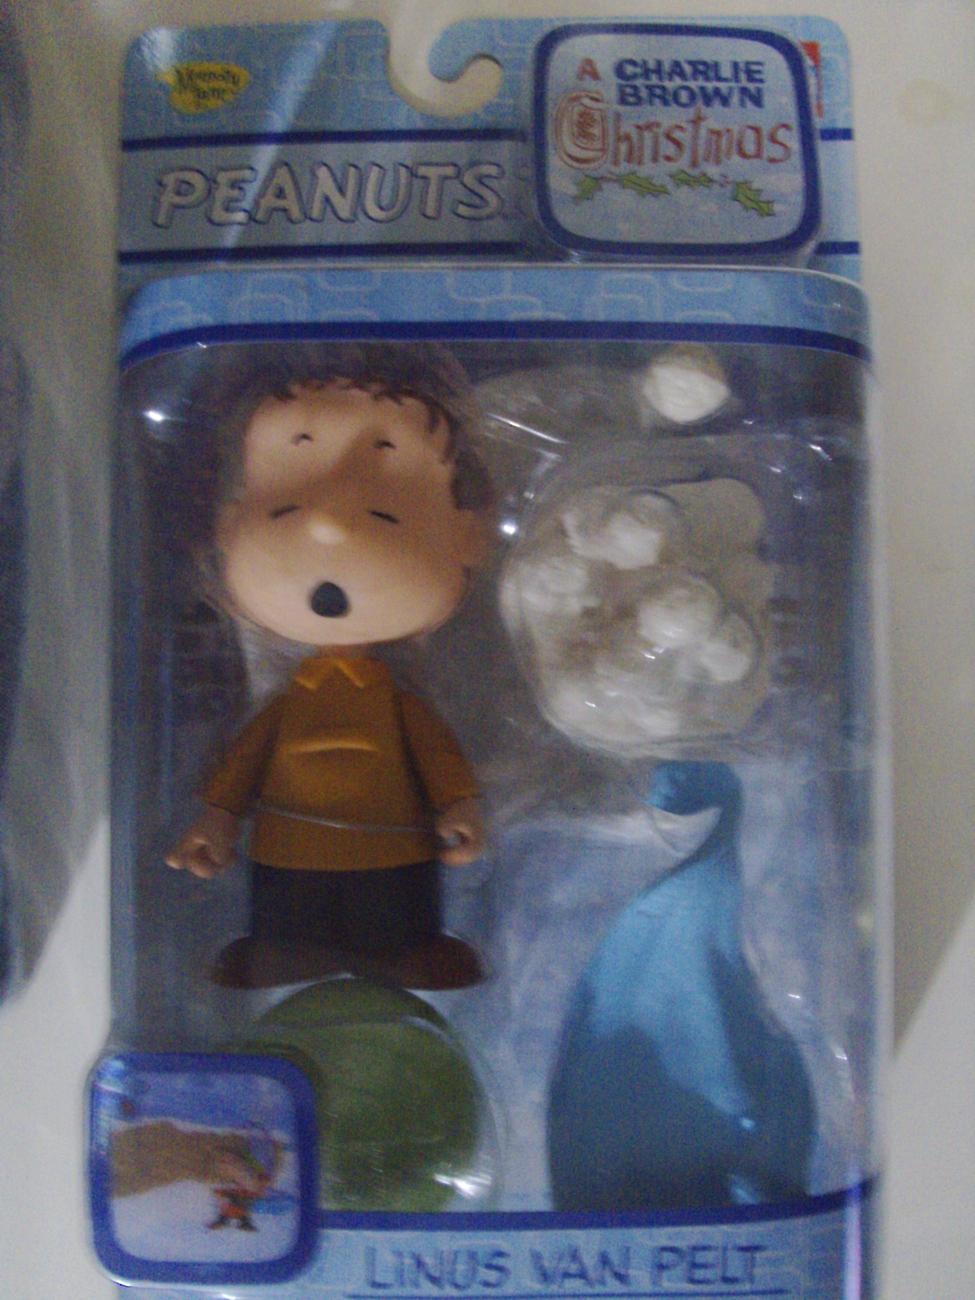 Memory Lane Peanuts A Charlie Brown Christmas Linus Van Pelt ( Snoopy ) - New